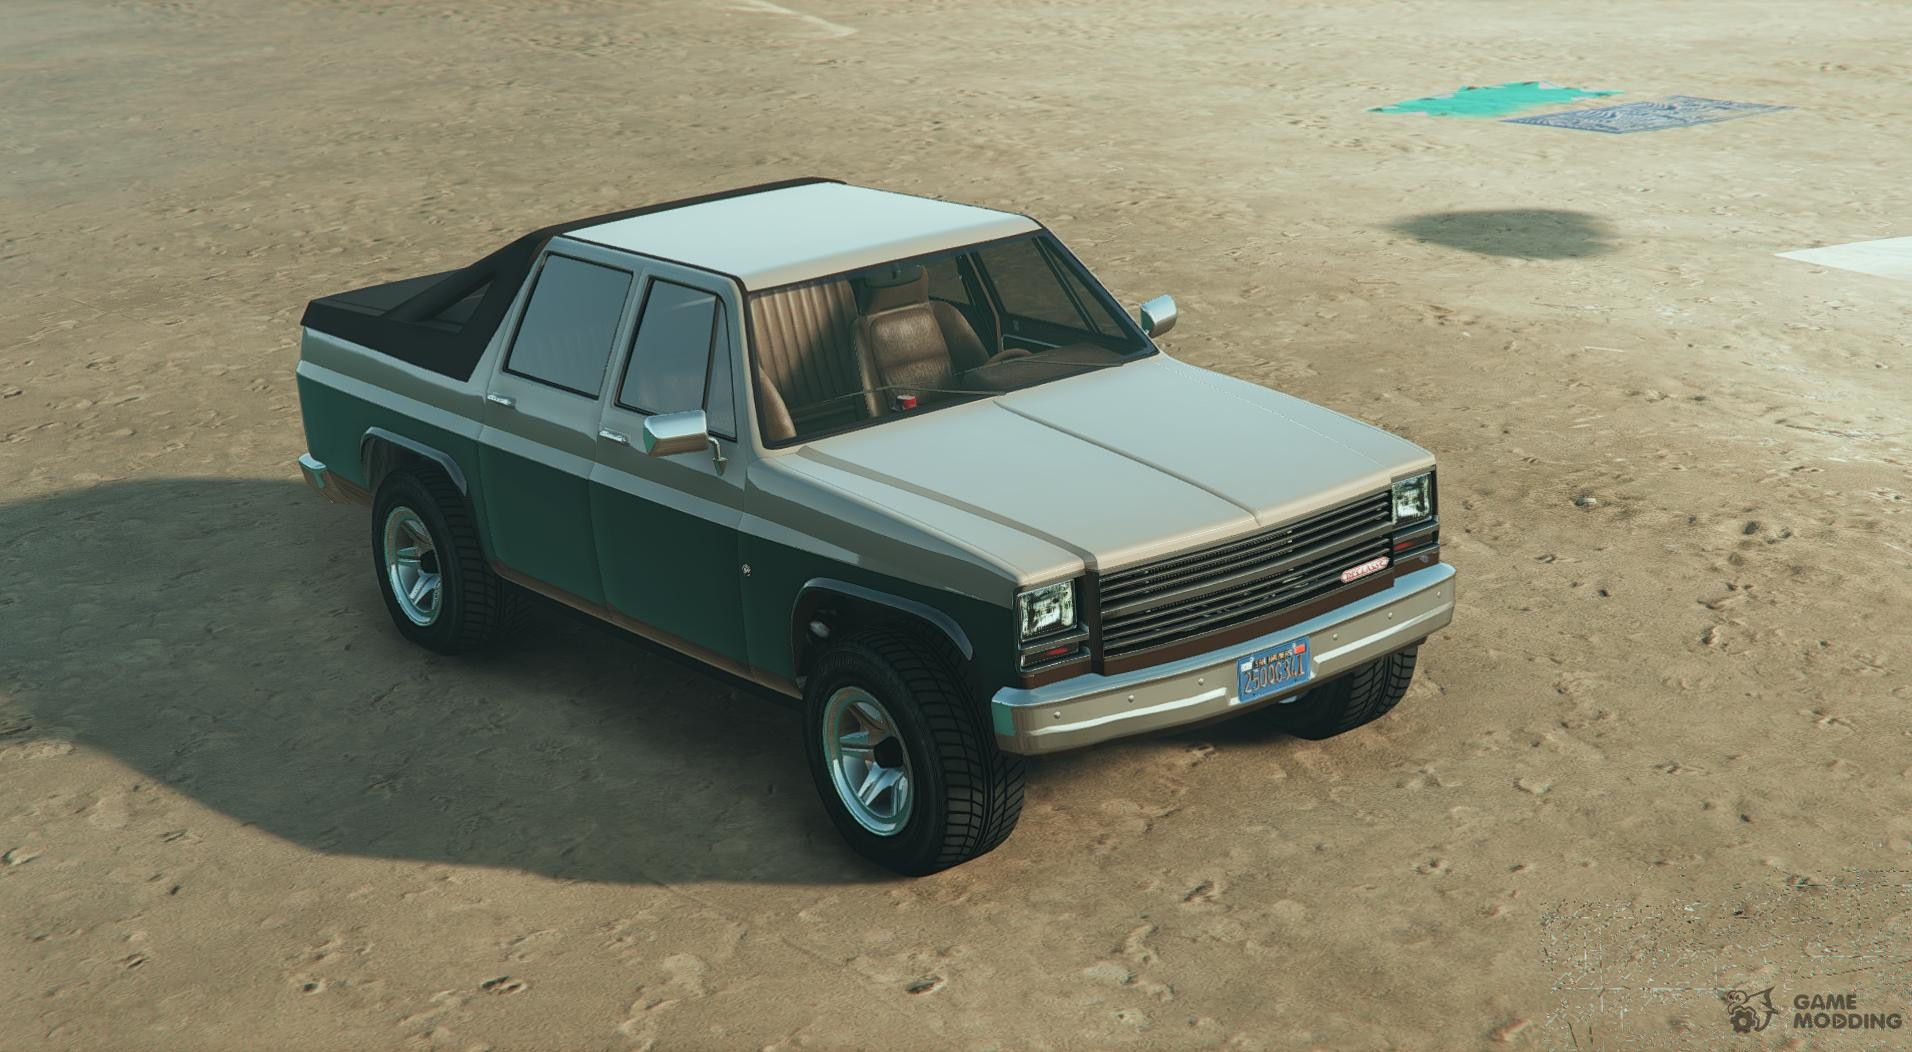 rancher truck 0 1 for gta 5. Black Bedroom Furniture Sets. Home Design Ideas